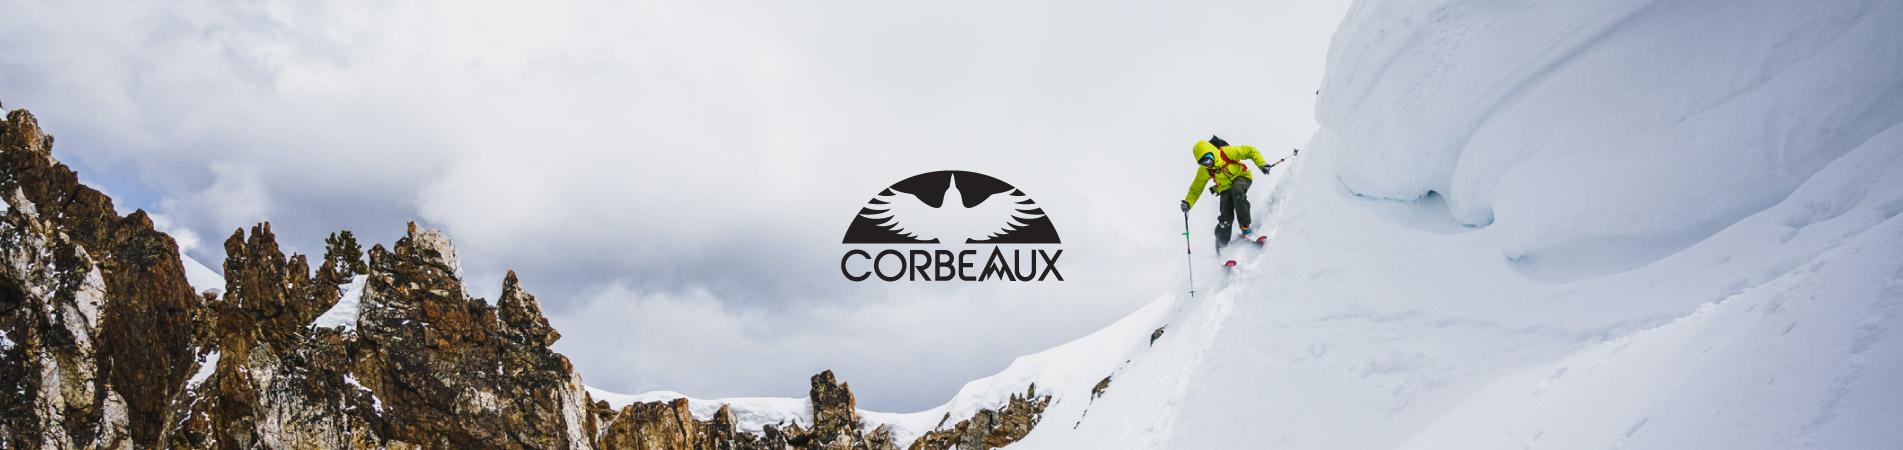 corbeaux-v1r0.jpg